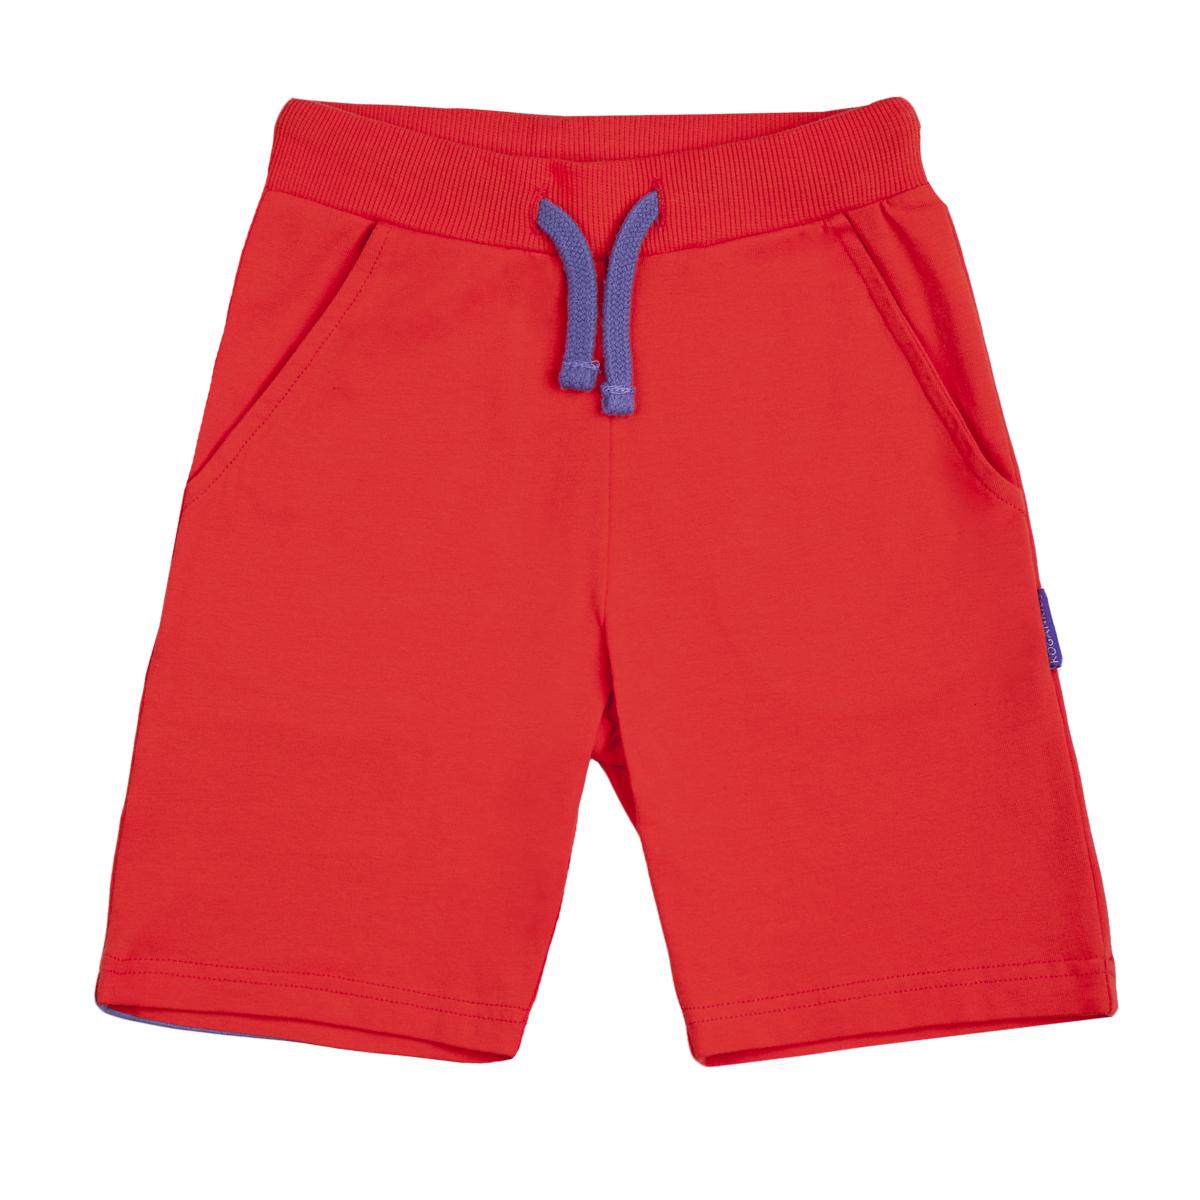 Шорты KogankidsШорты на резинке с поясом-шнурок выполнены из натурального хлопка, гарантируют ежедневный комфорт. Идеальная модель для занятий спортом и летних прогулок.<br>Размер: 104, 110, 116, 122, 128, 134; Цвет: Красный;